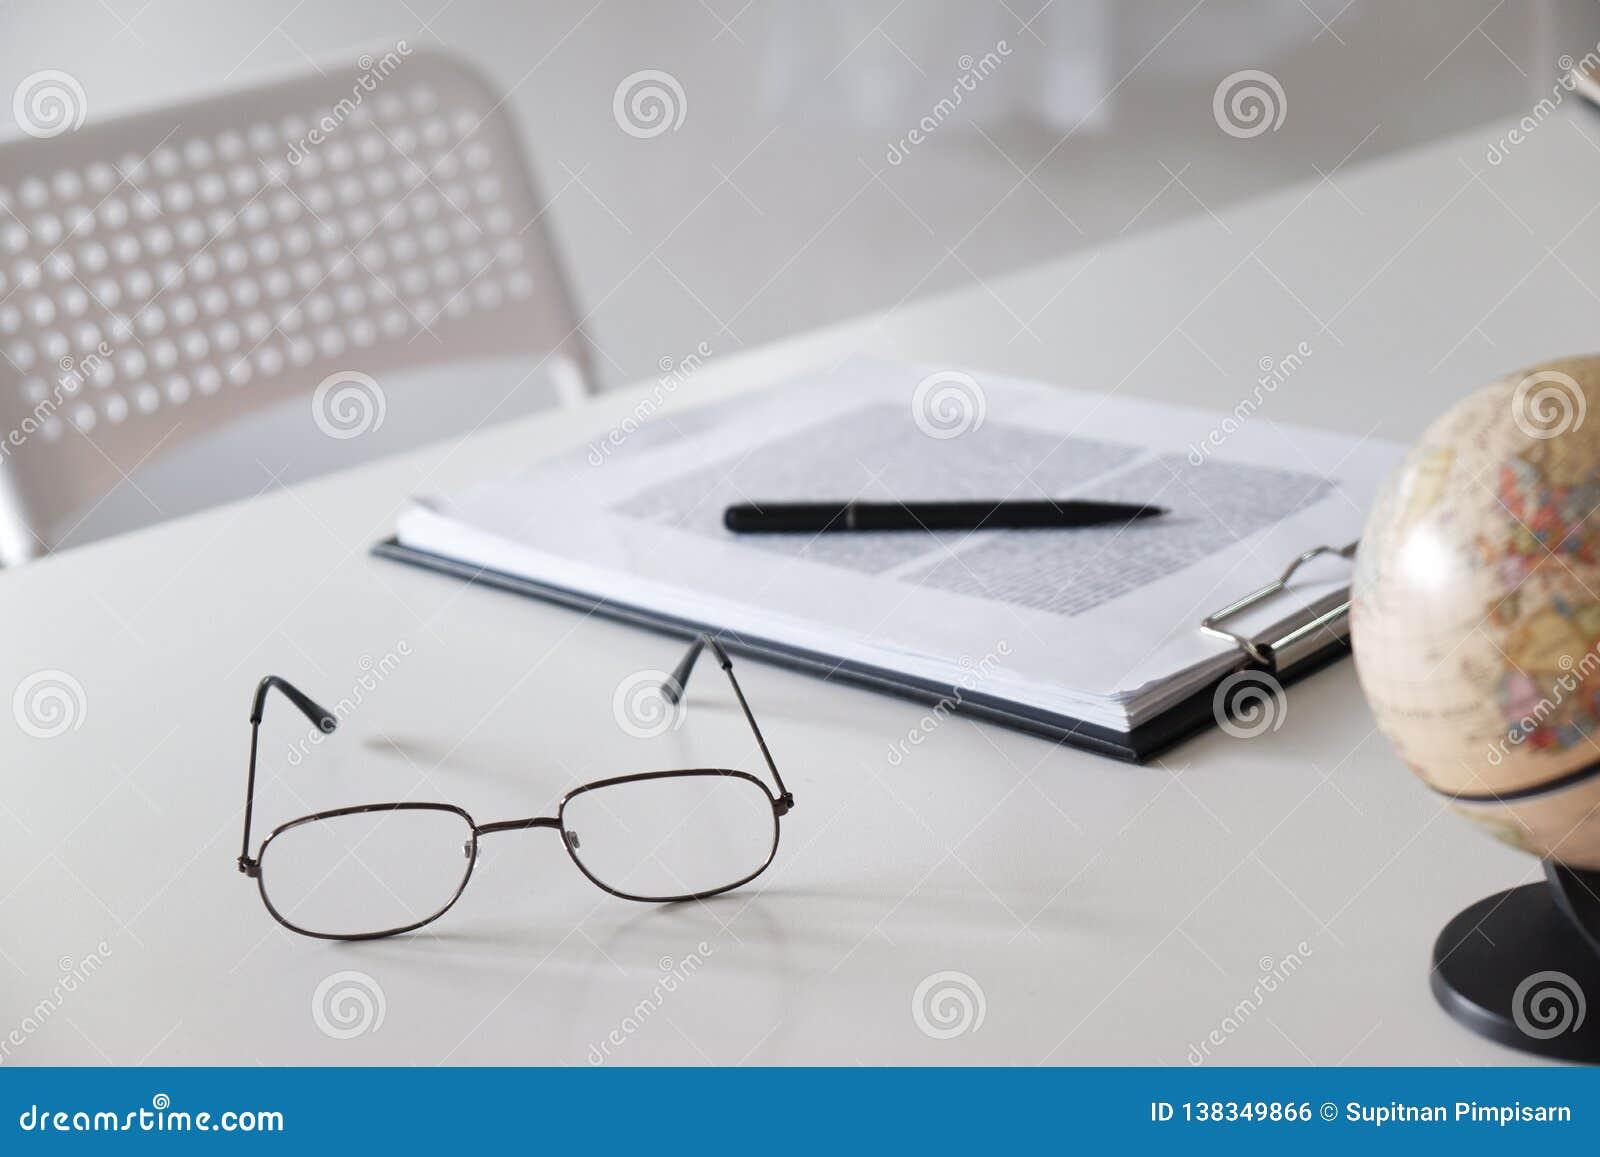 Bureaulijst met glazen, pen, potlood en wereldkaart